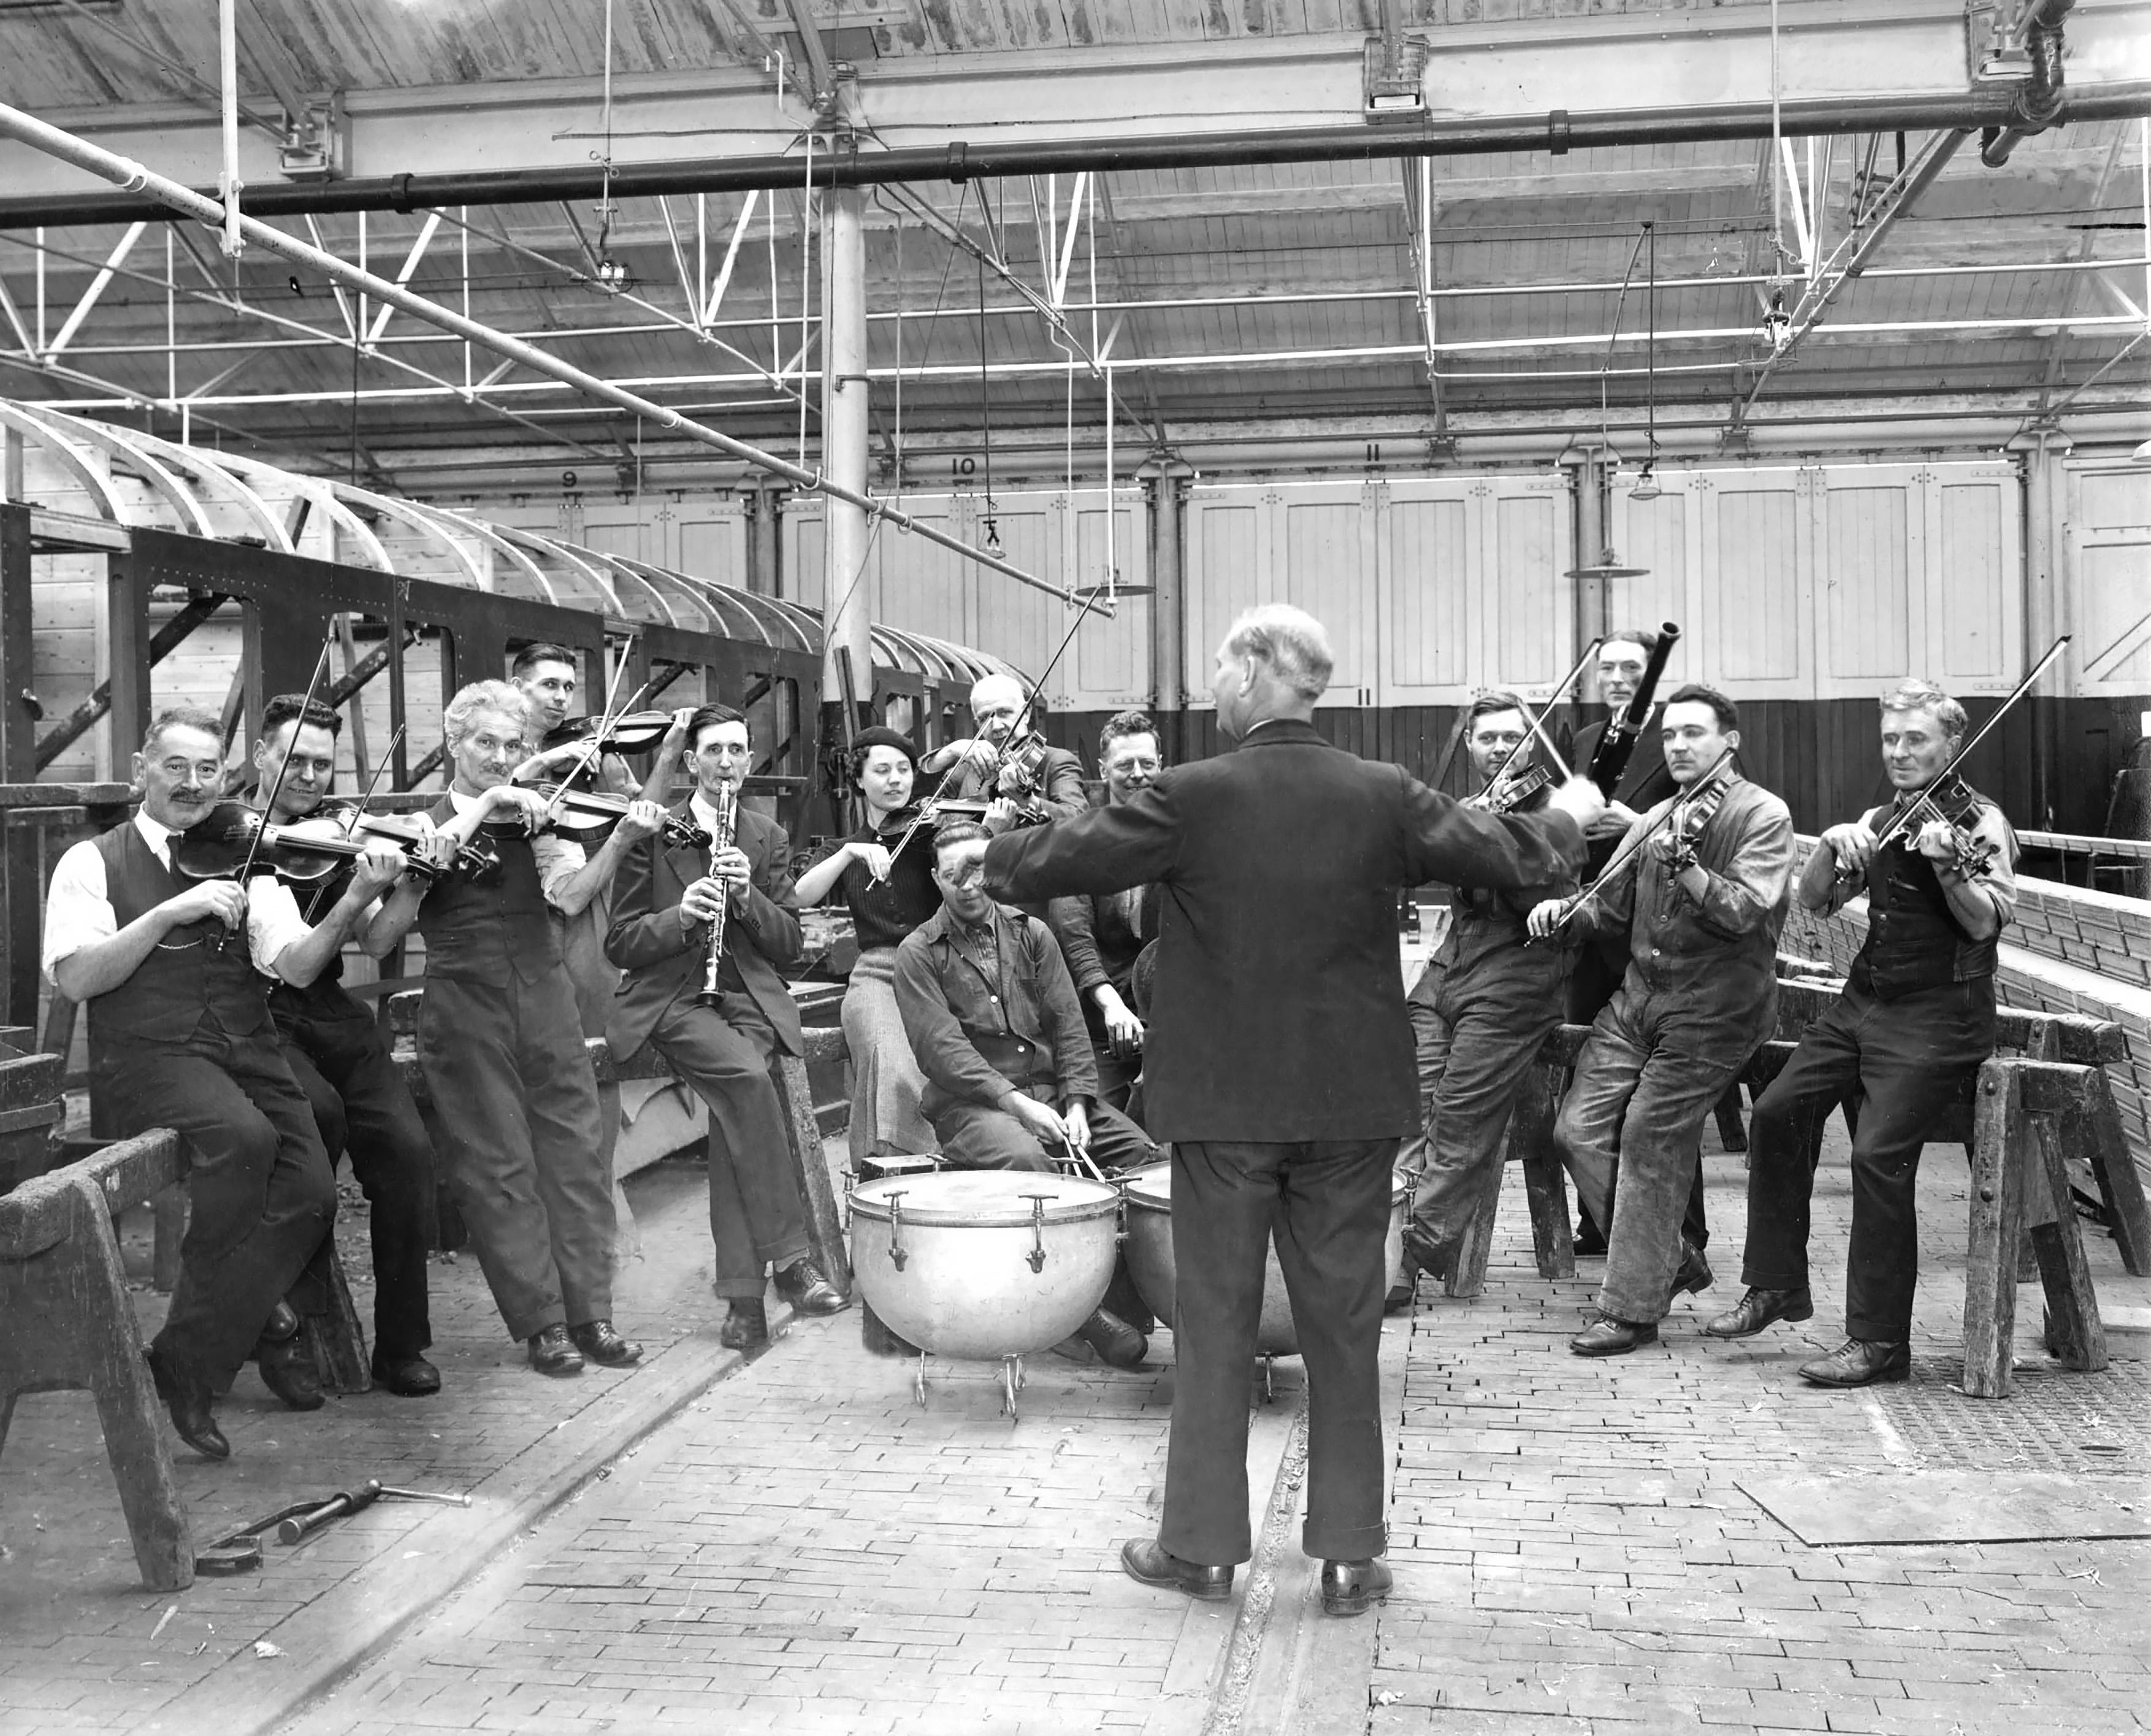 GWR orchestra